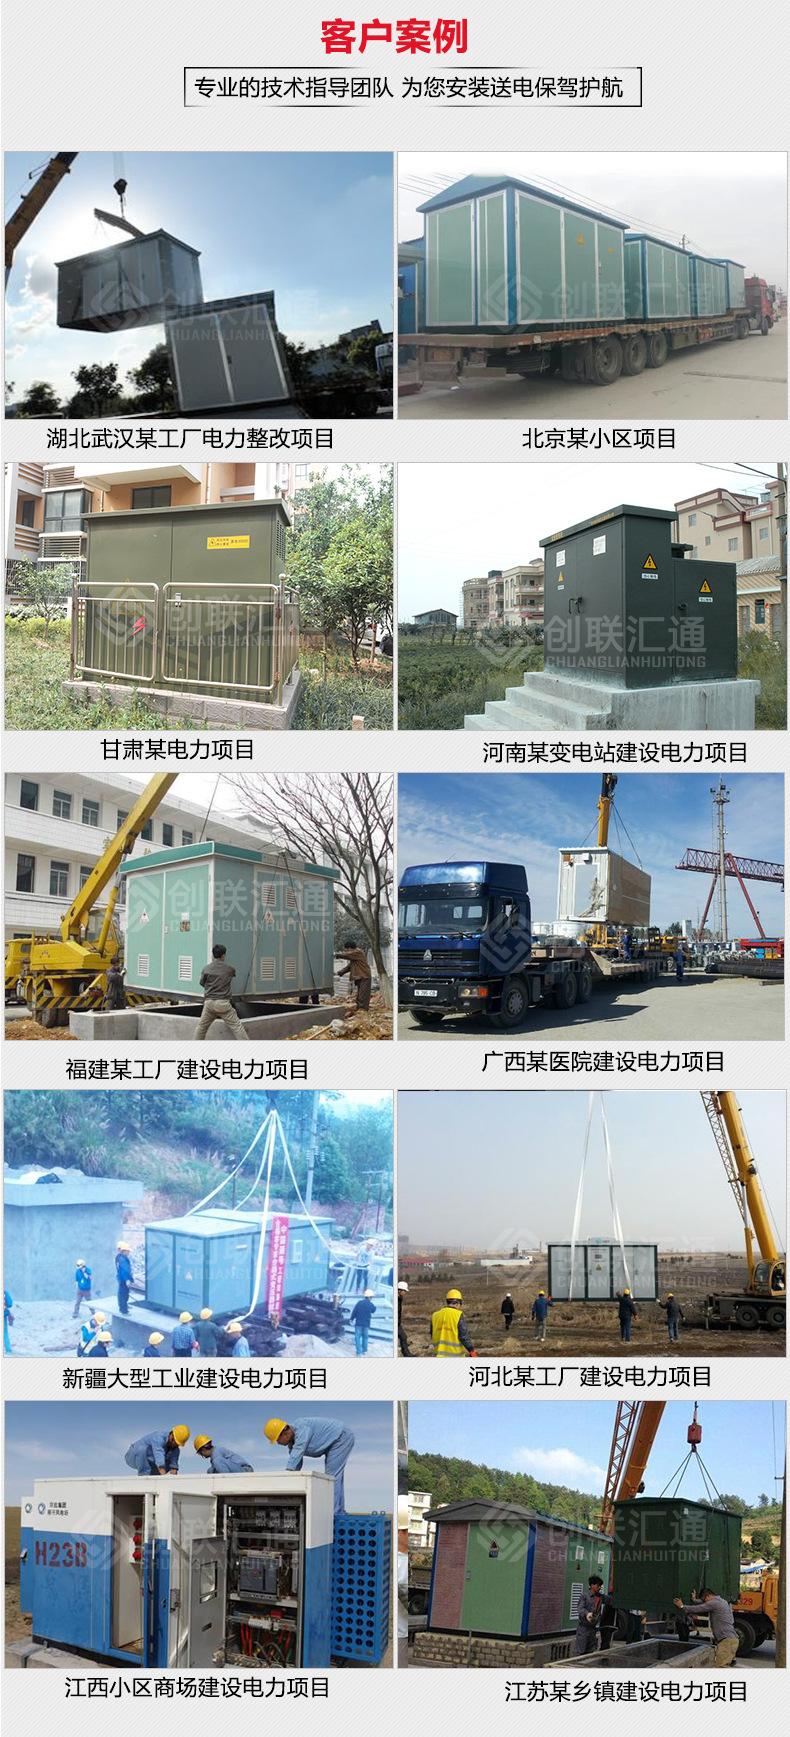 创联汇通北京欧式箱变厂,ZBW-800KVA箱式变压器,箱式变电站价格示例图6